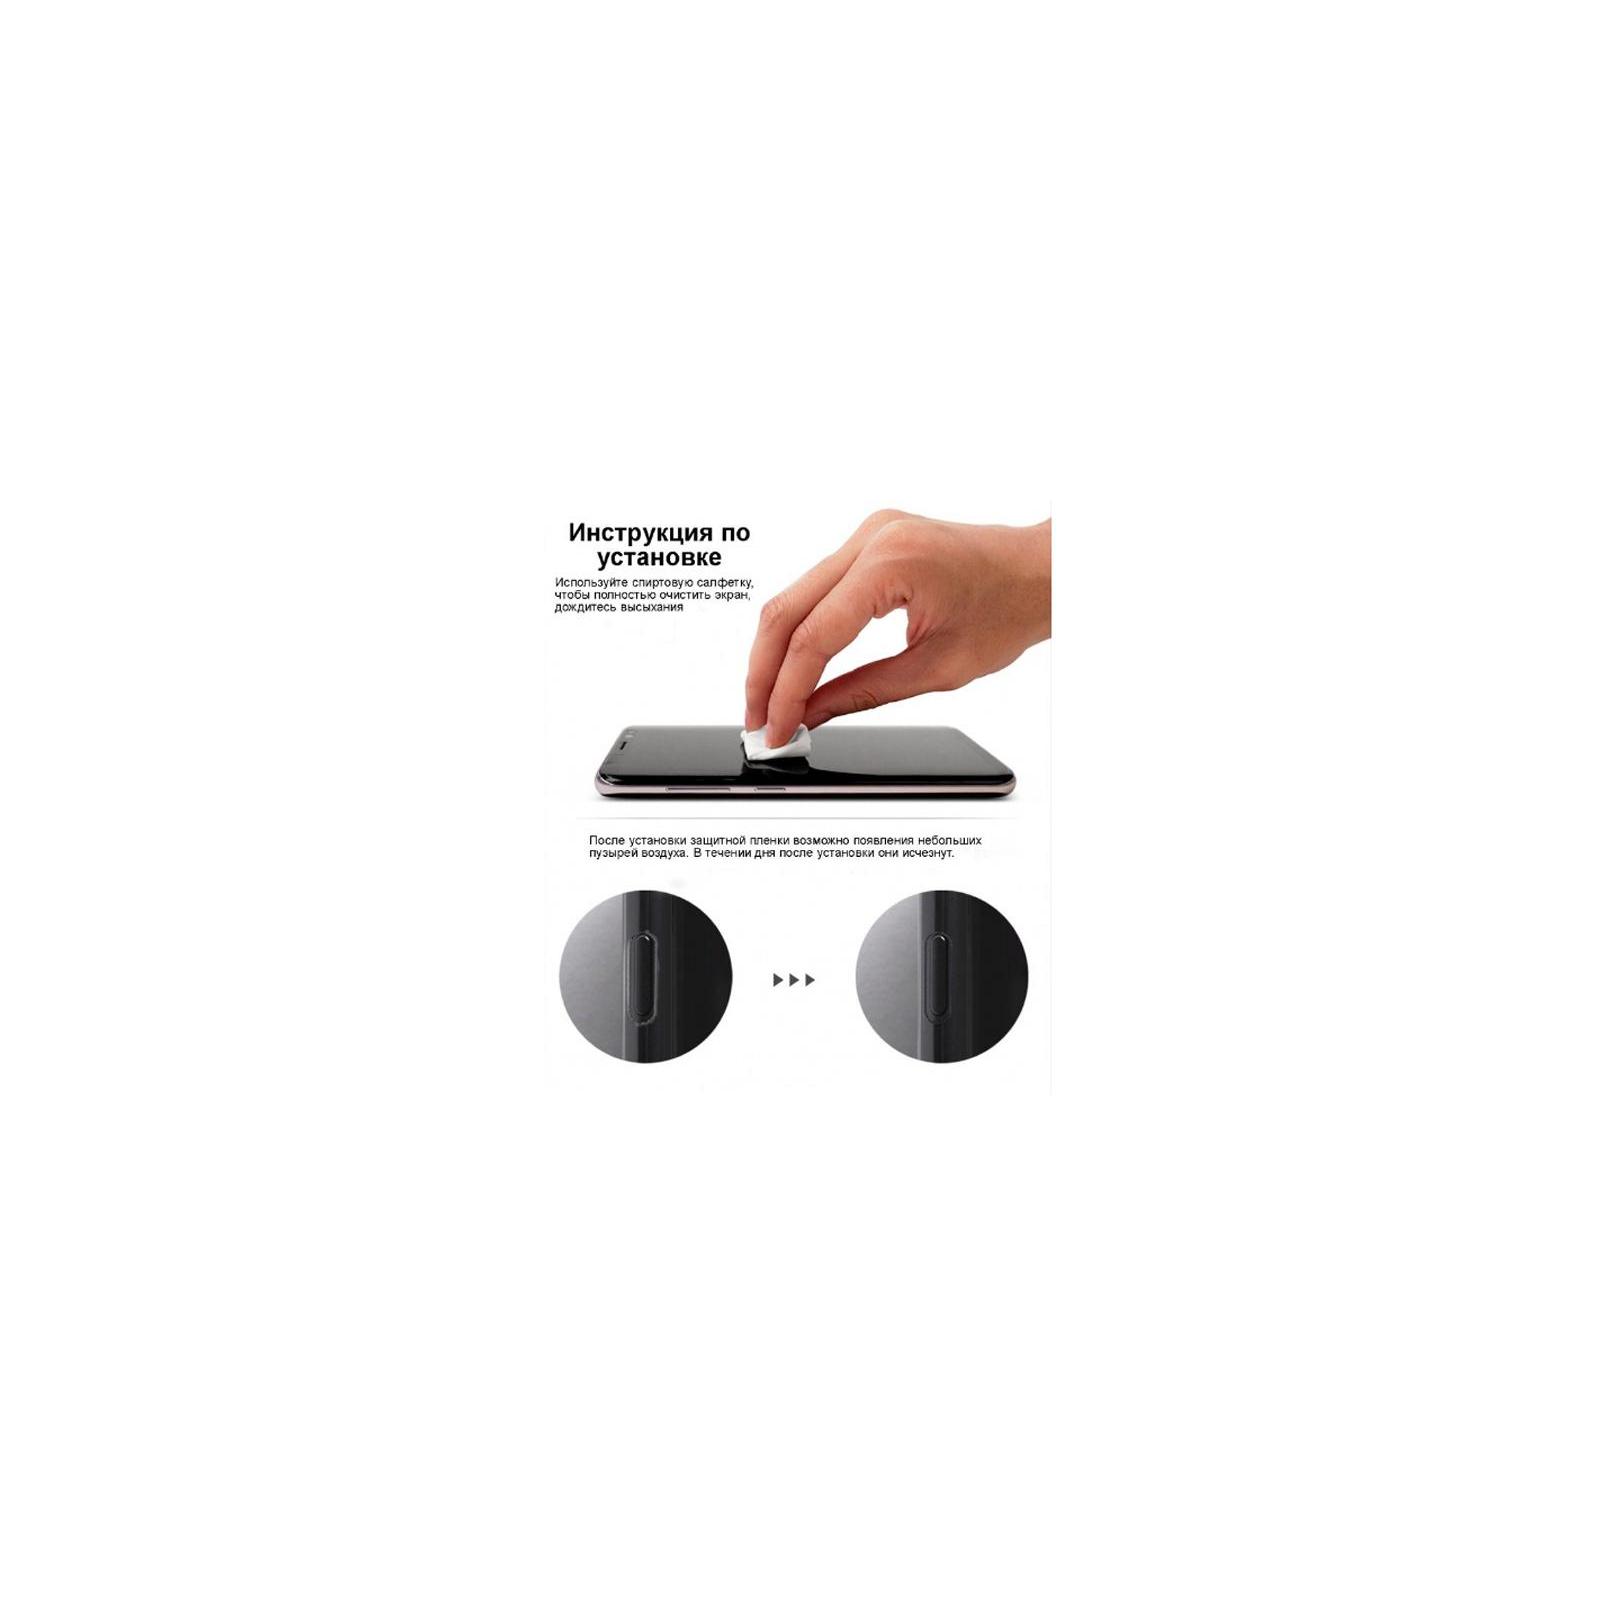 Пленка защитная Ringke для телефона Sony Xperia XZ2 Full Cover (RSP4455) изображение 8